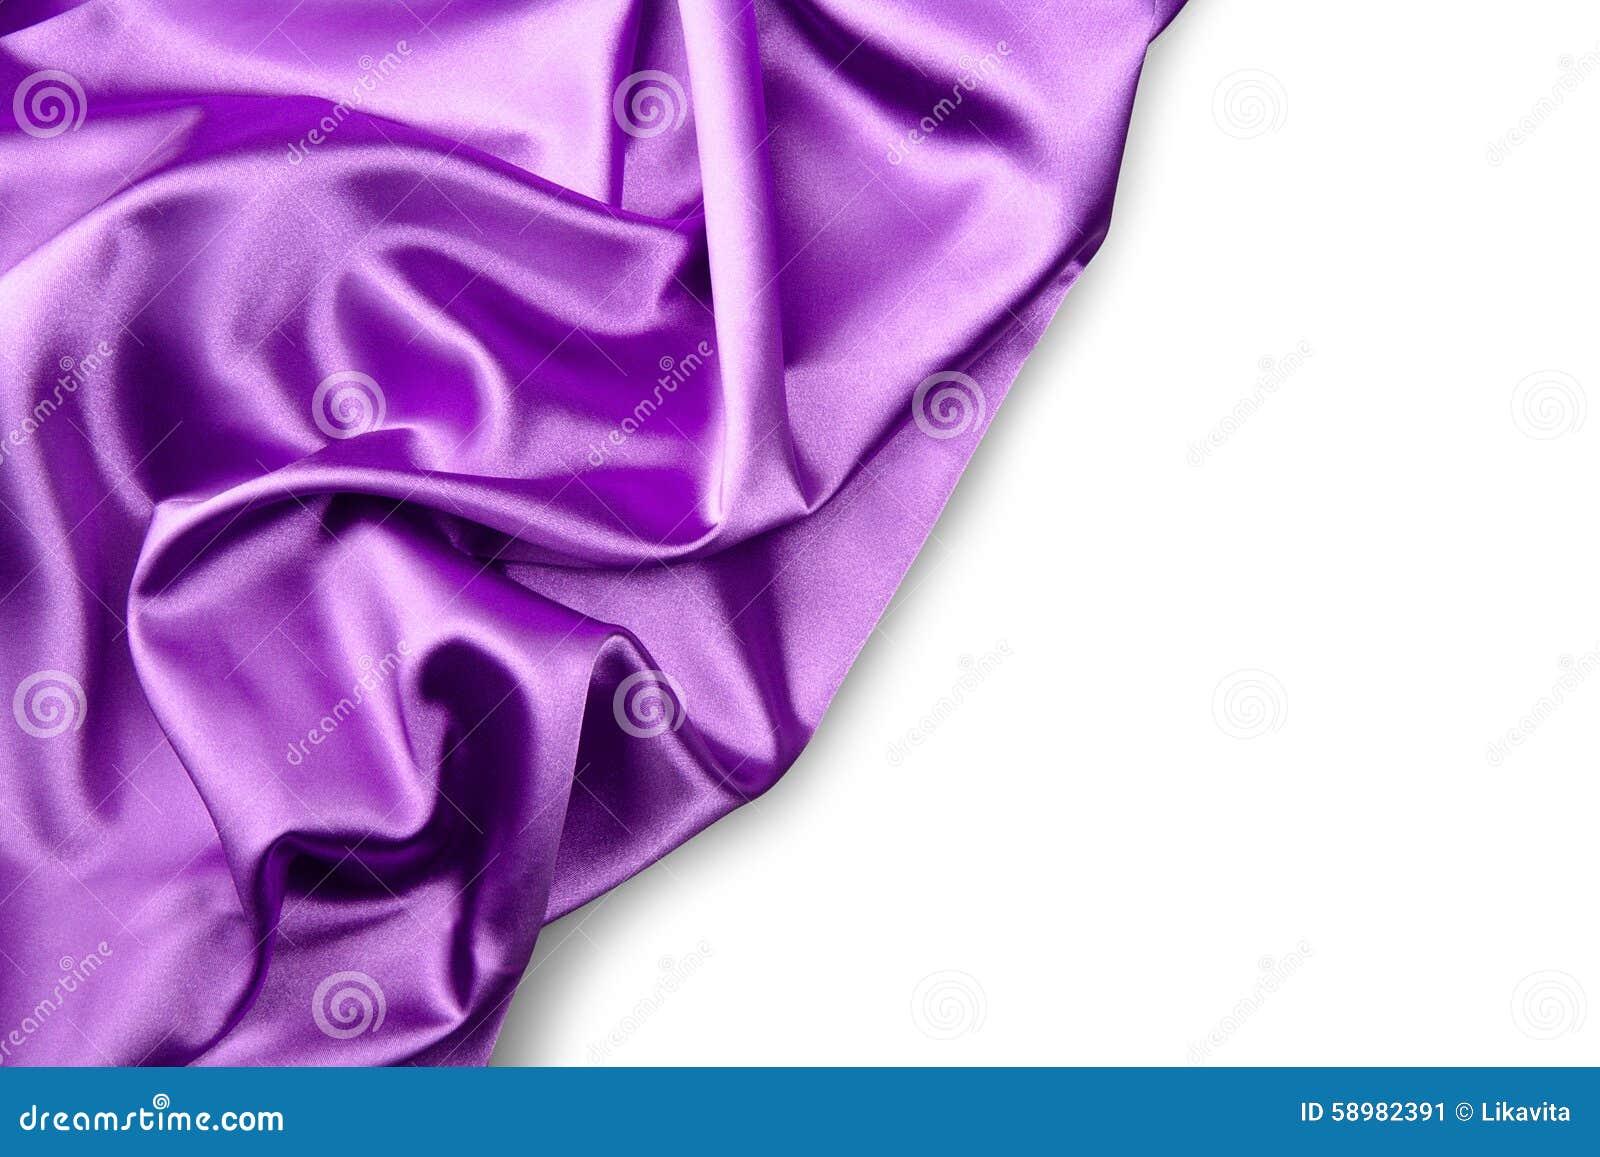 elegant purple backgrounds - photo #25